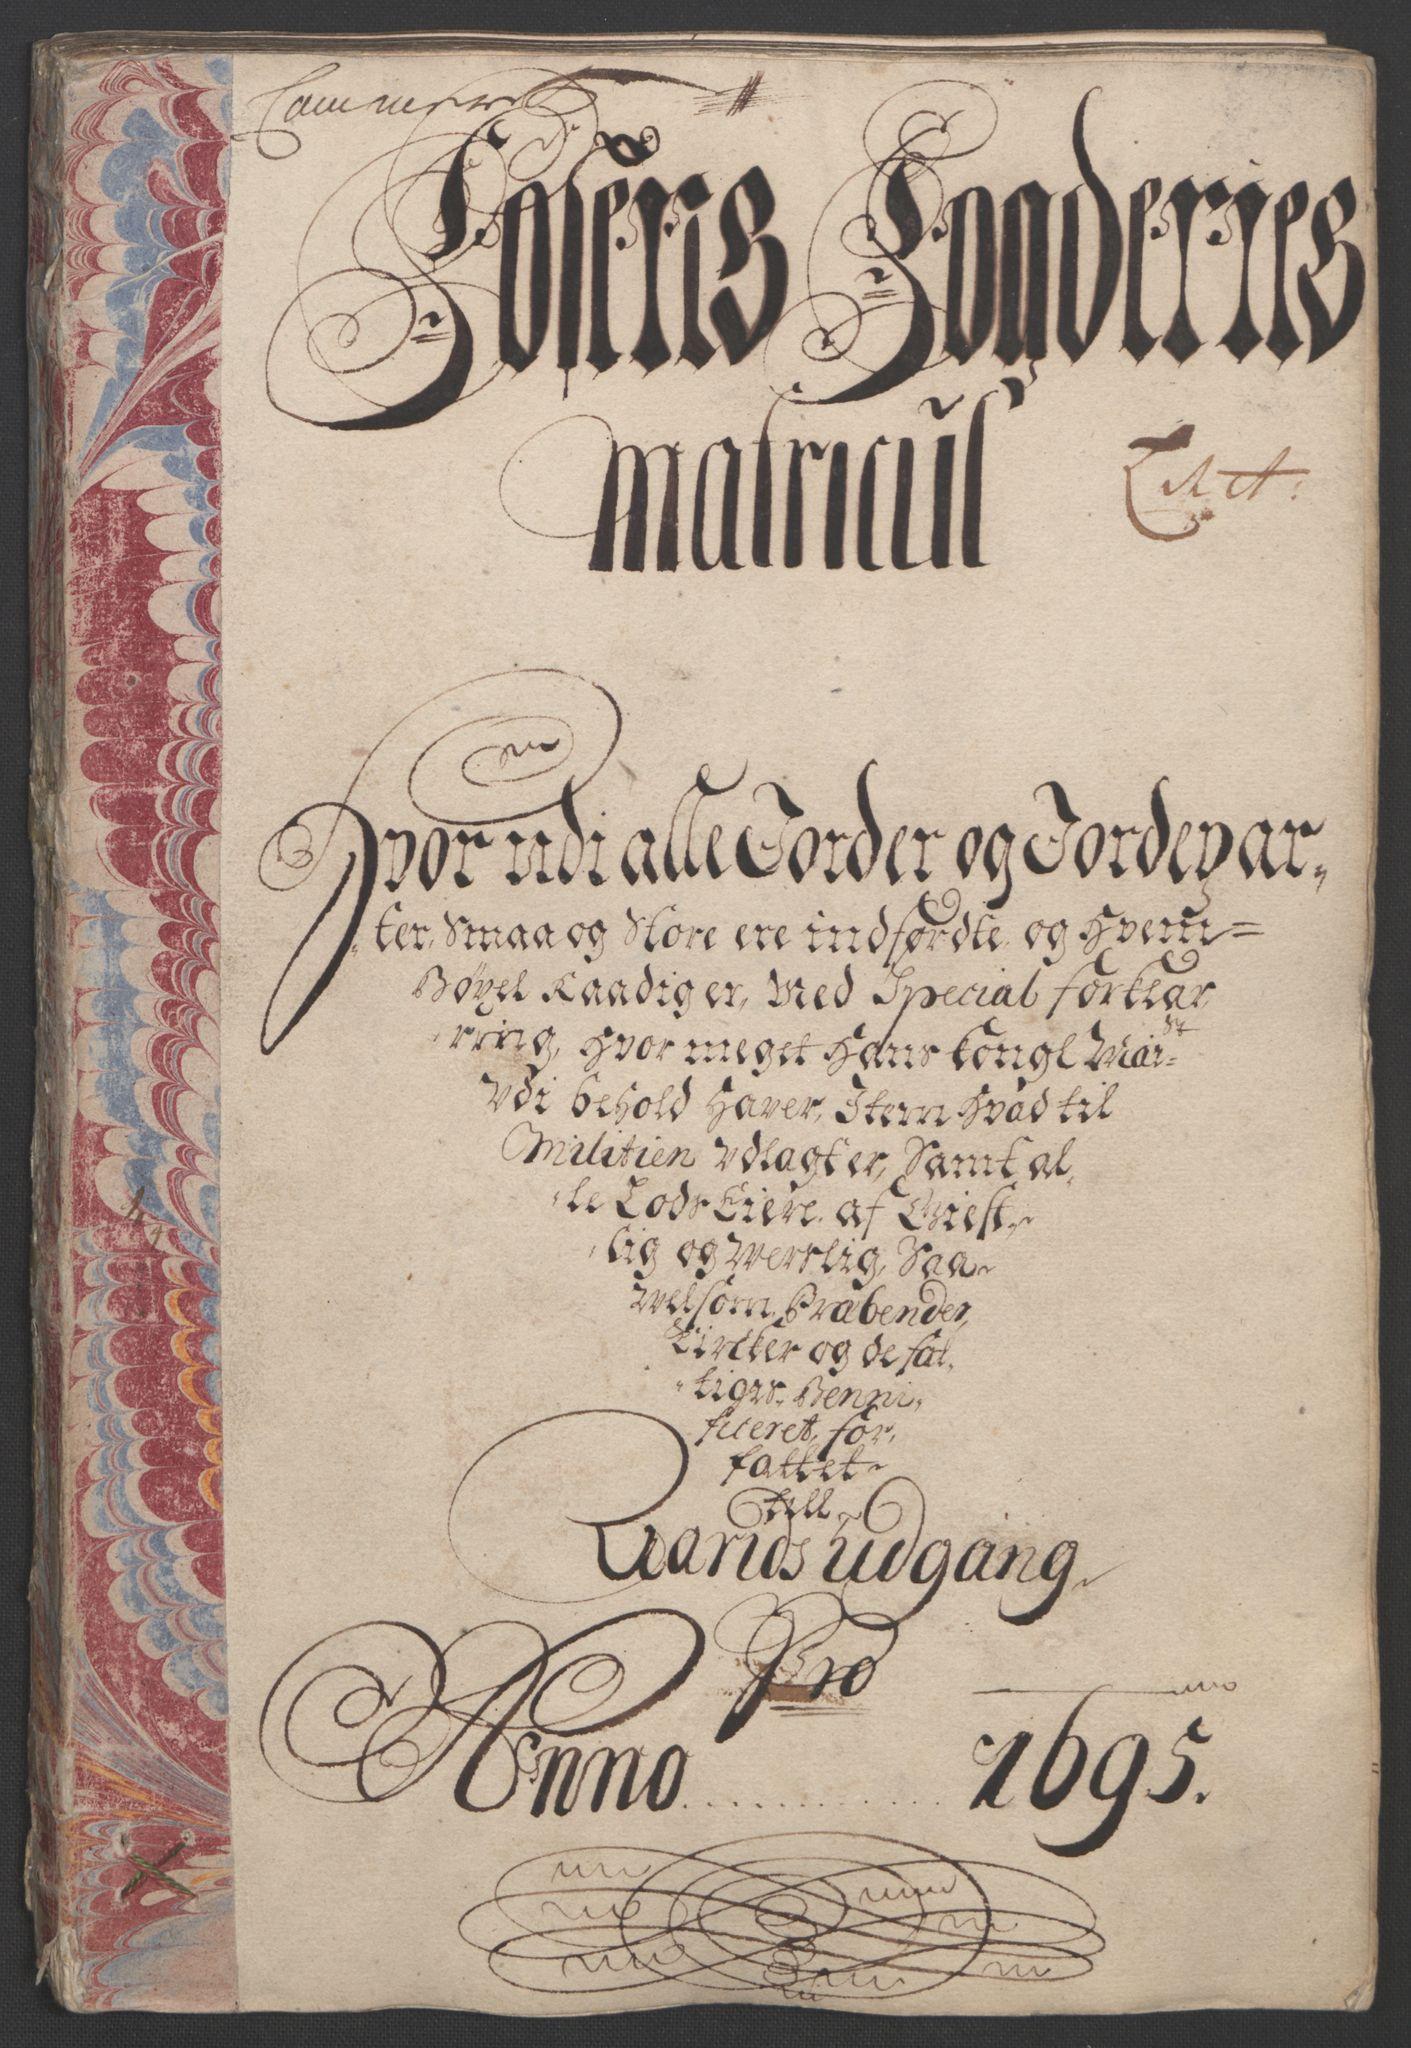 RA, Rentekammeret inntil 1814, Reviderte regnskaper, Fogderegnskap, R57/L3851: Fogderegnskap Fosen, 1695-1696, s. 16